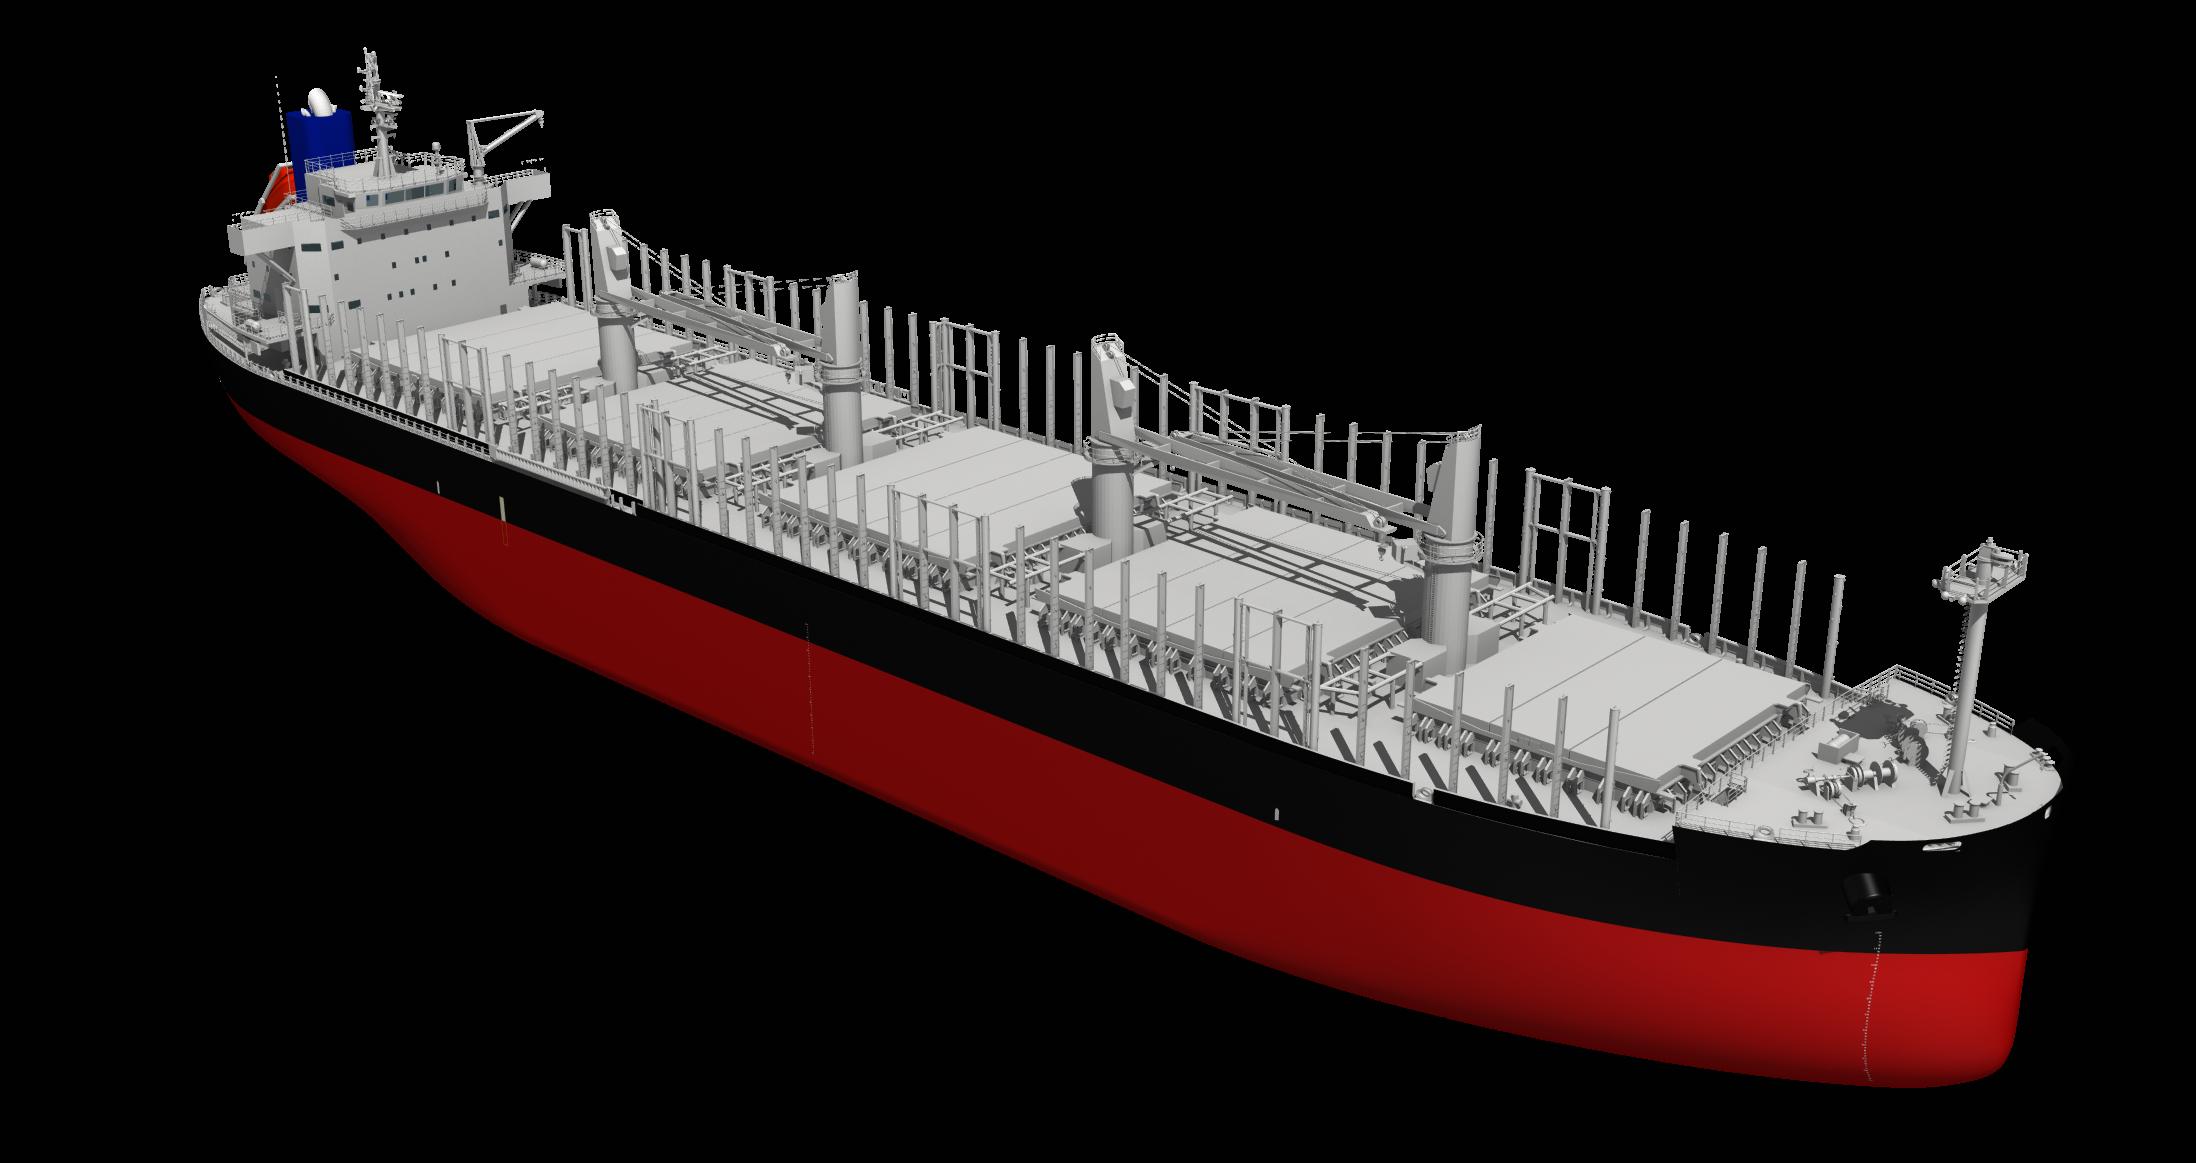 """常石造船首次从日本国内船东获得新开发的4.2万吨型木材及散货船""""TESS42""""订单"""